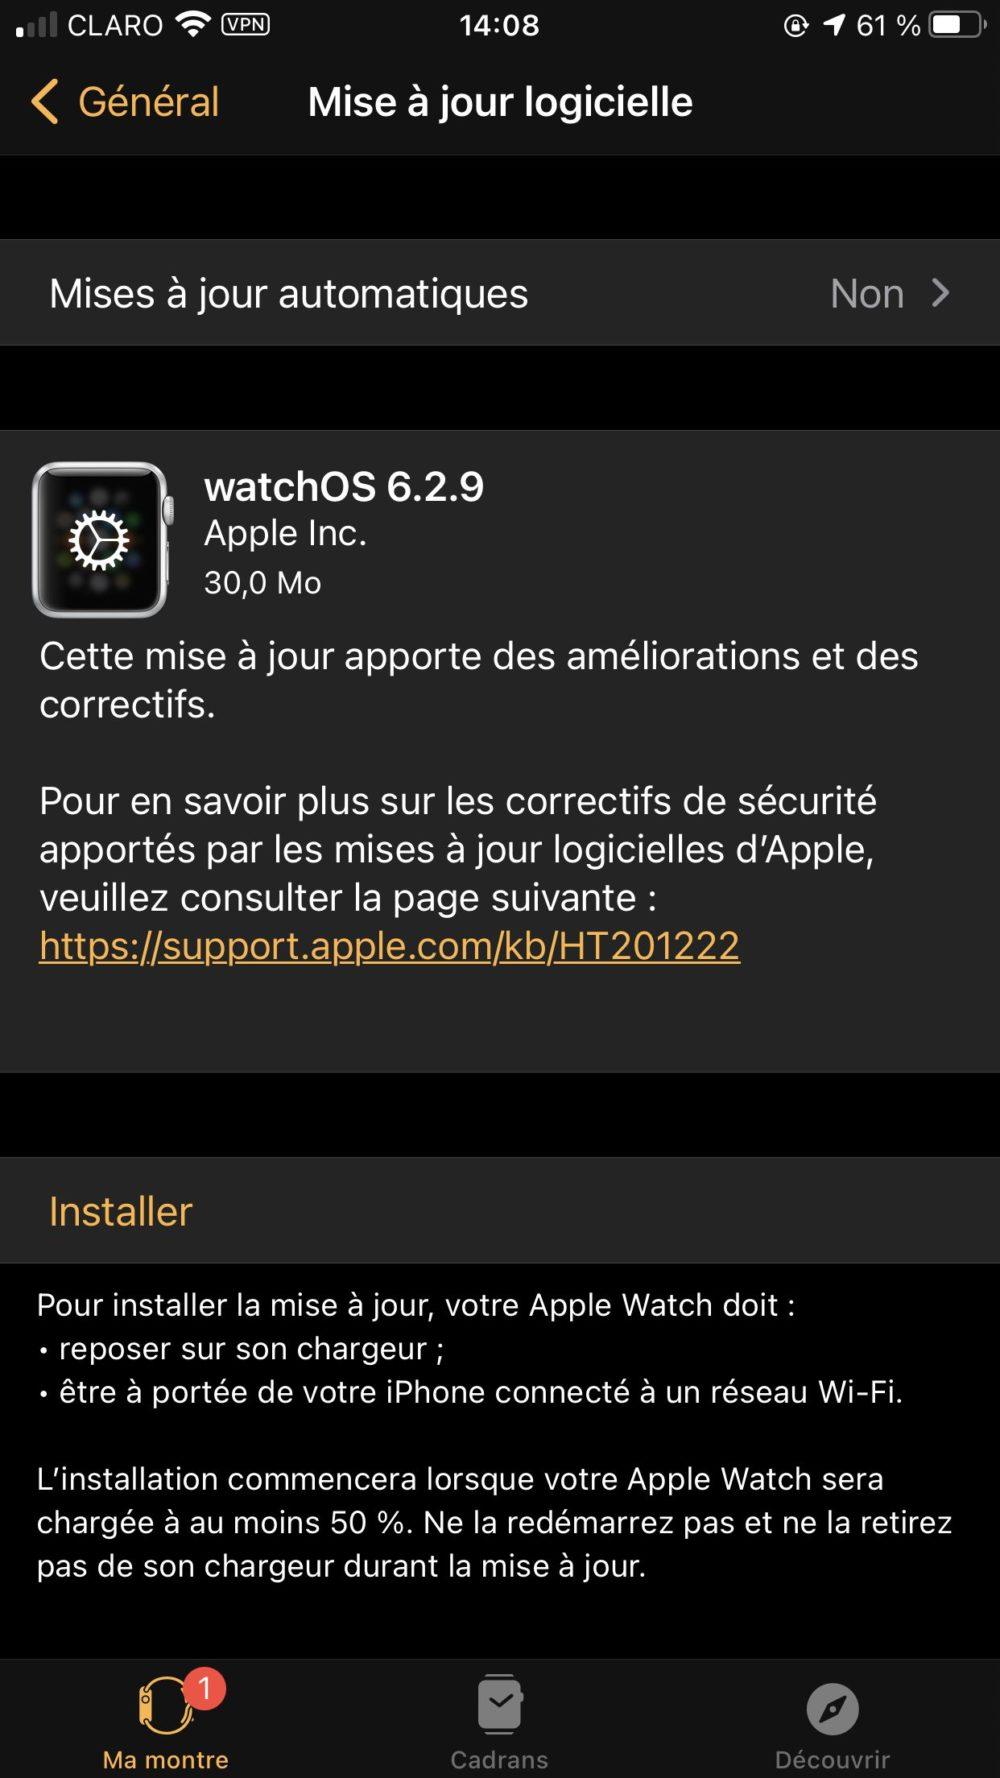 watchOS 6.2.9 watchOS 6.2.9 est disponible pour les anciennes Apple Watch